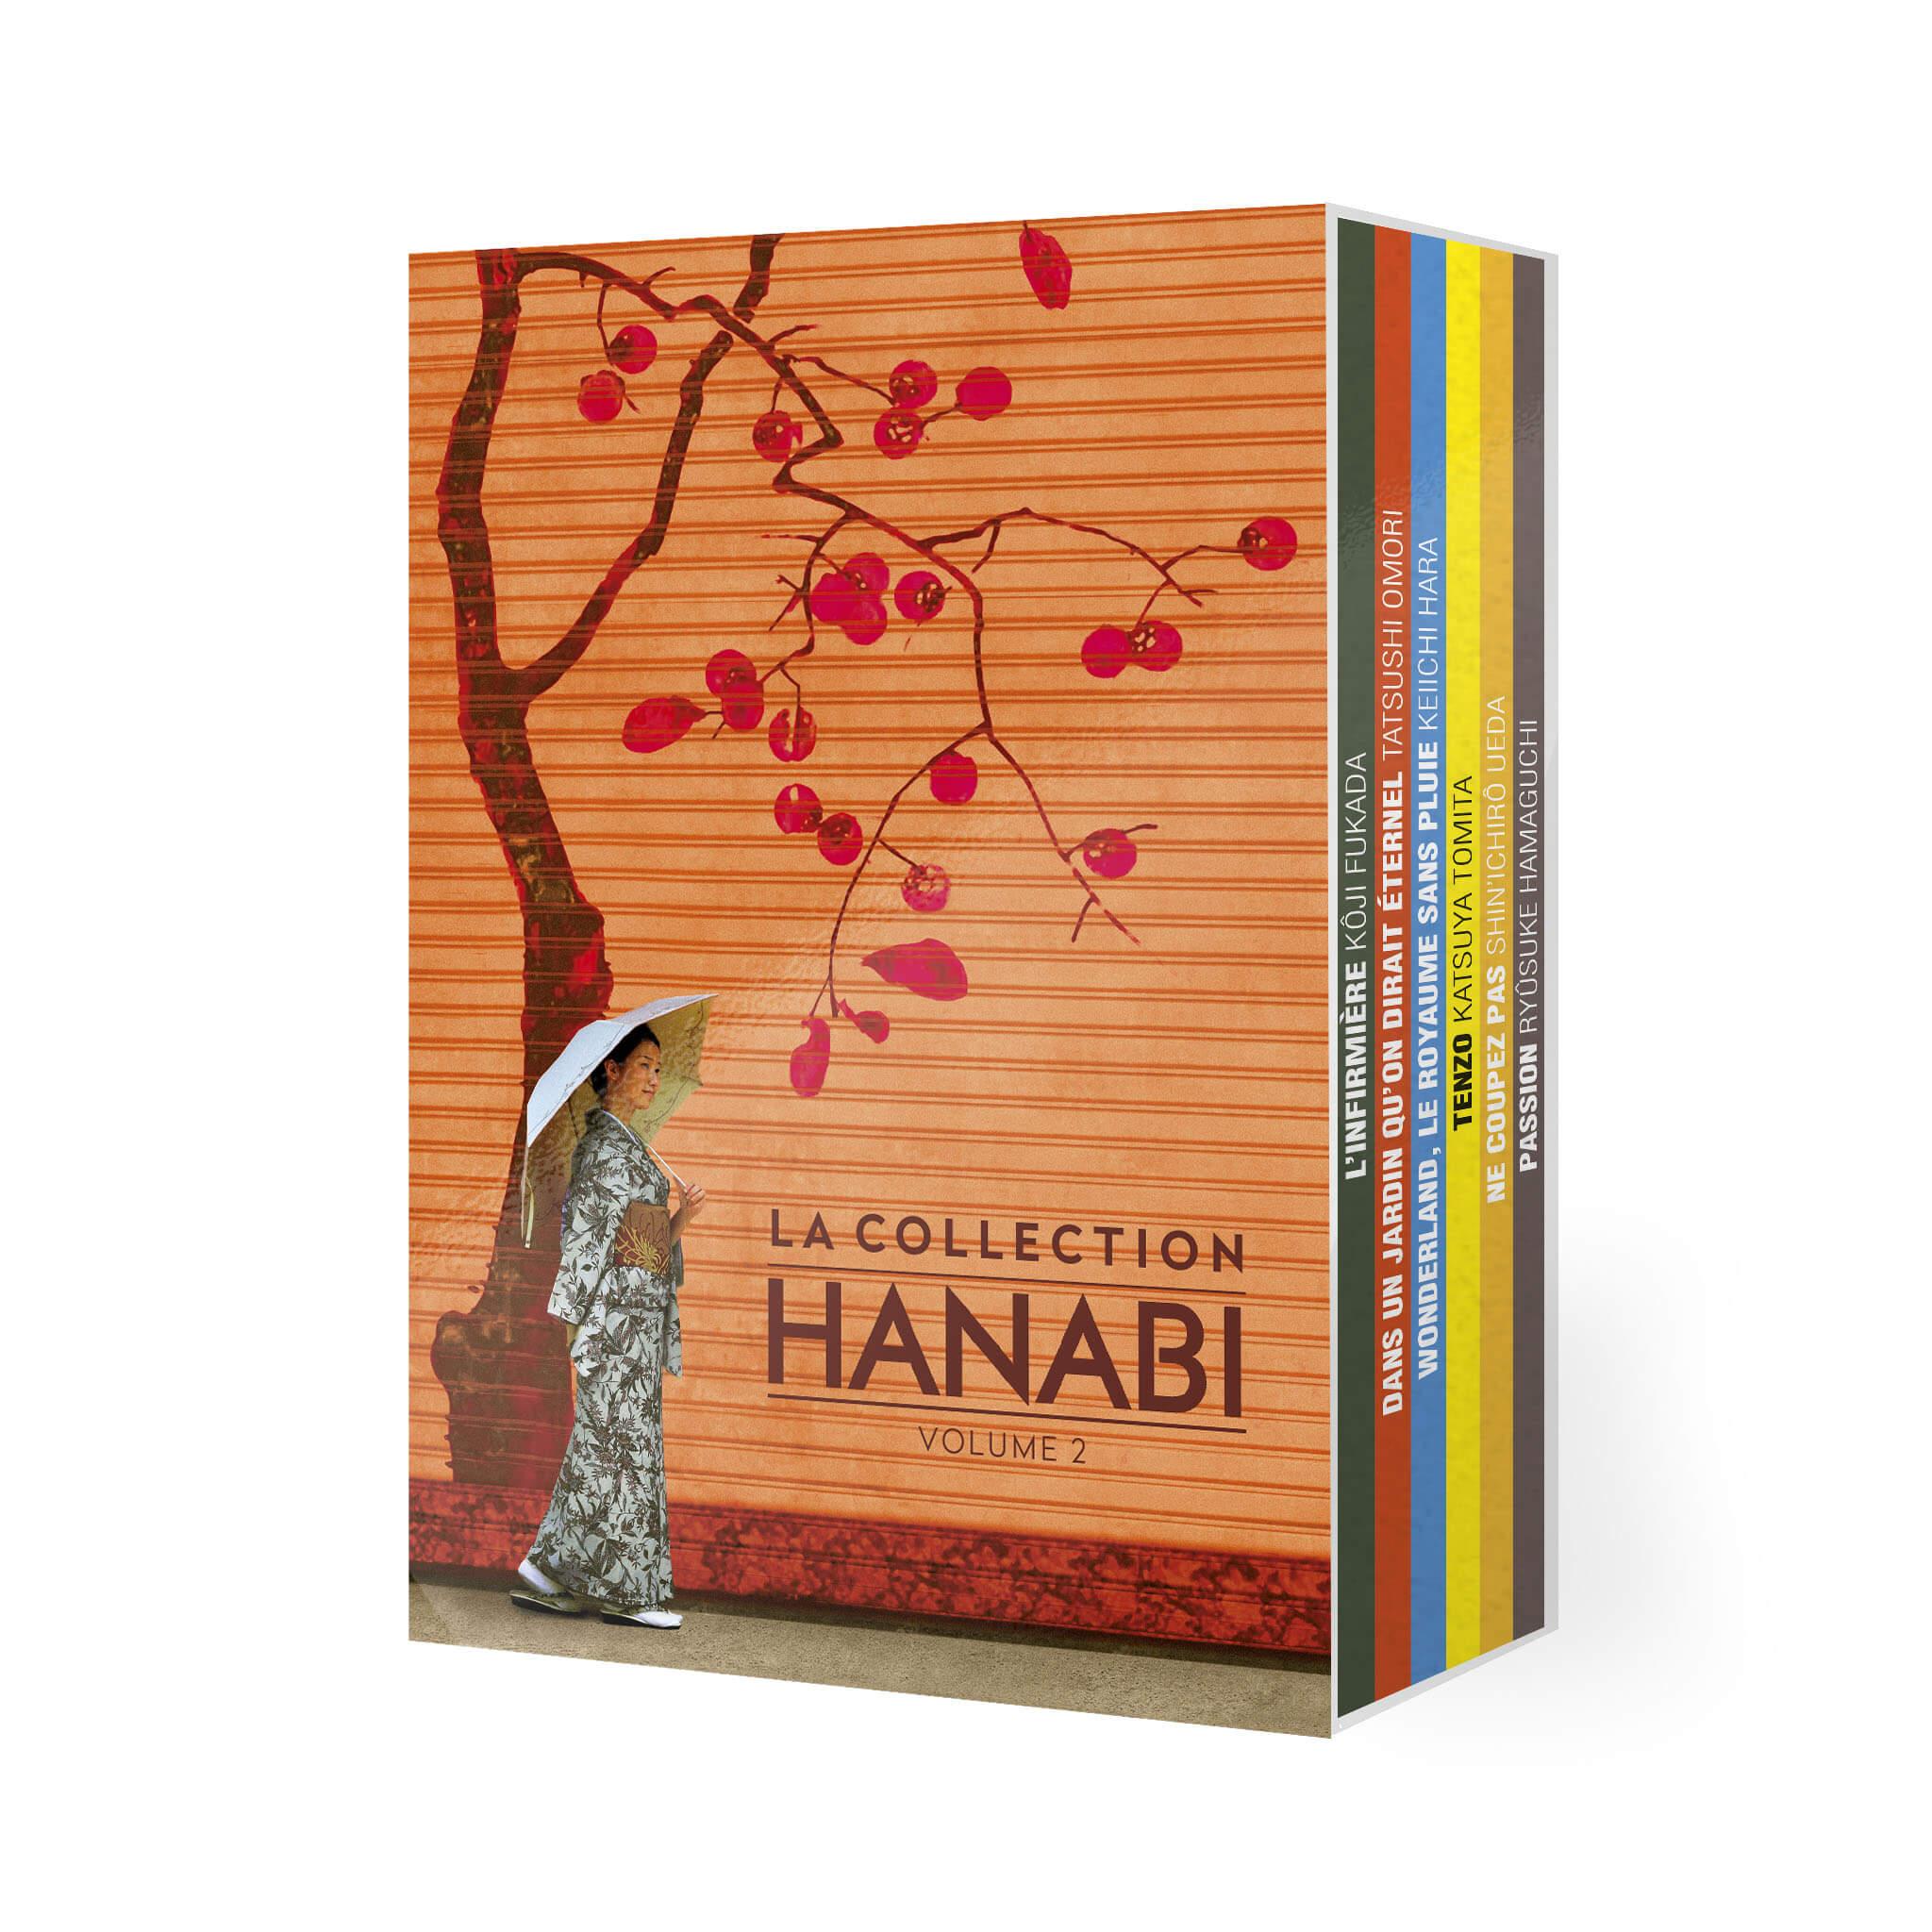 Adhérez à l'association HANABI et recevez un coffret collector !